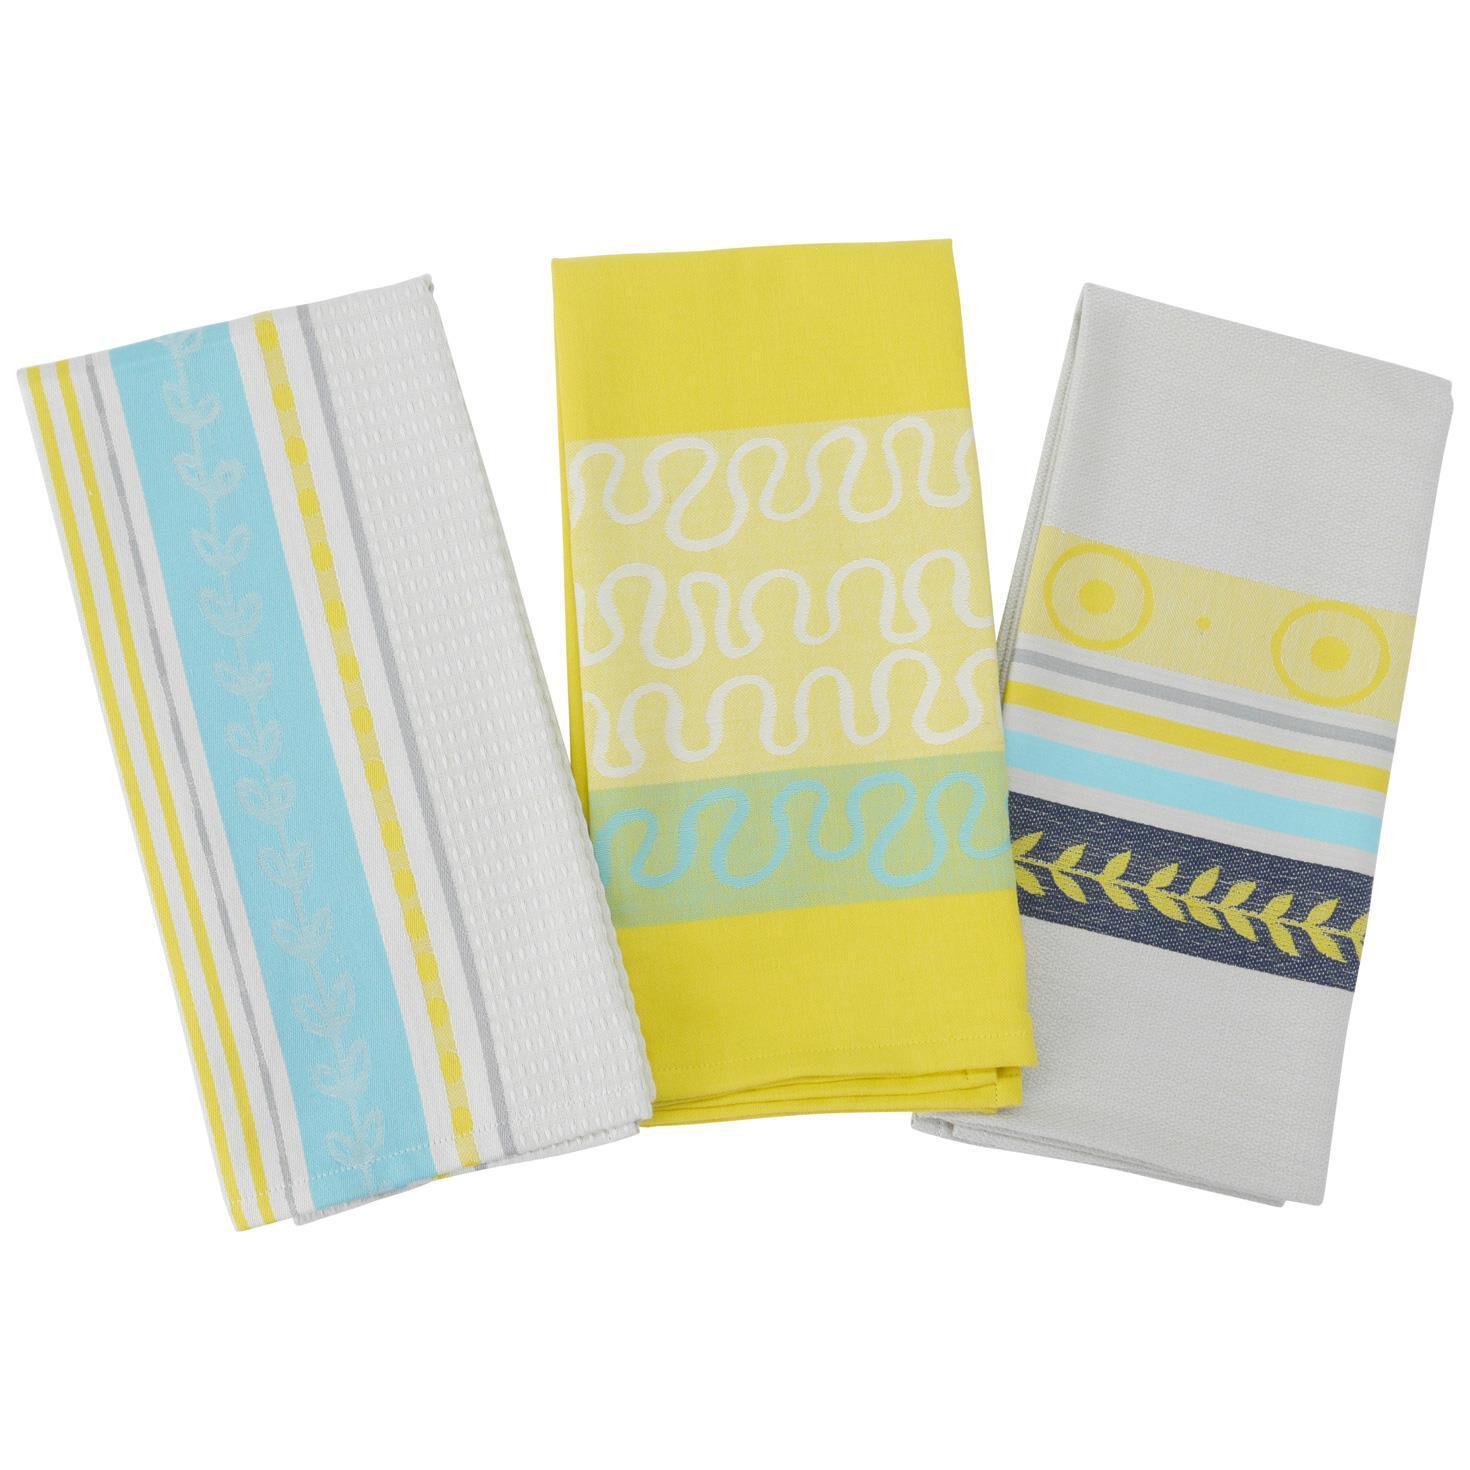 summer citrus kitchen towels, set of 3 - kitchen linens - hallmark